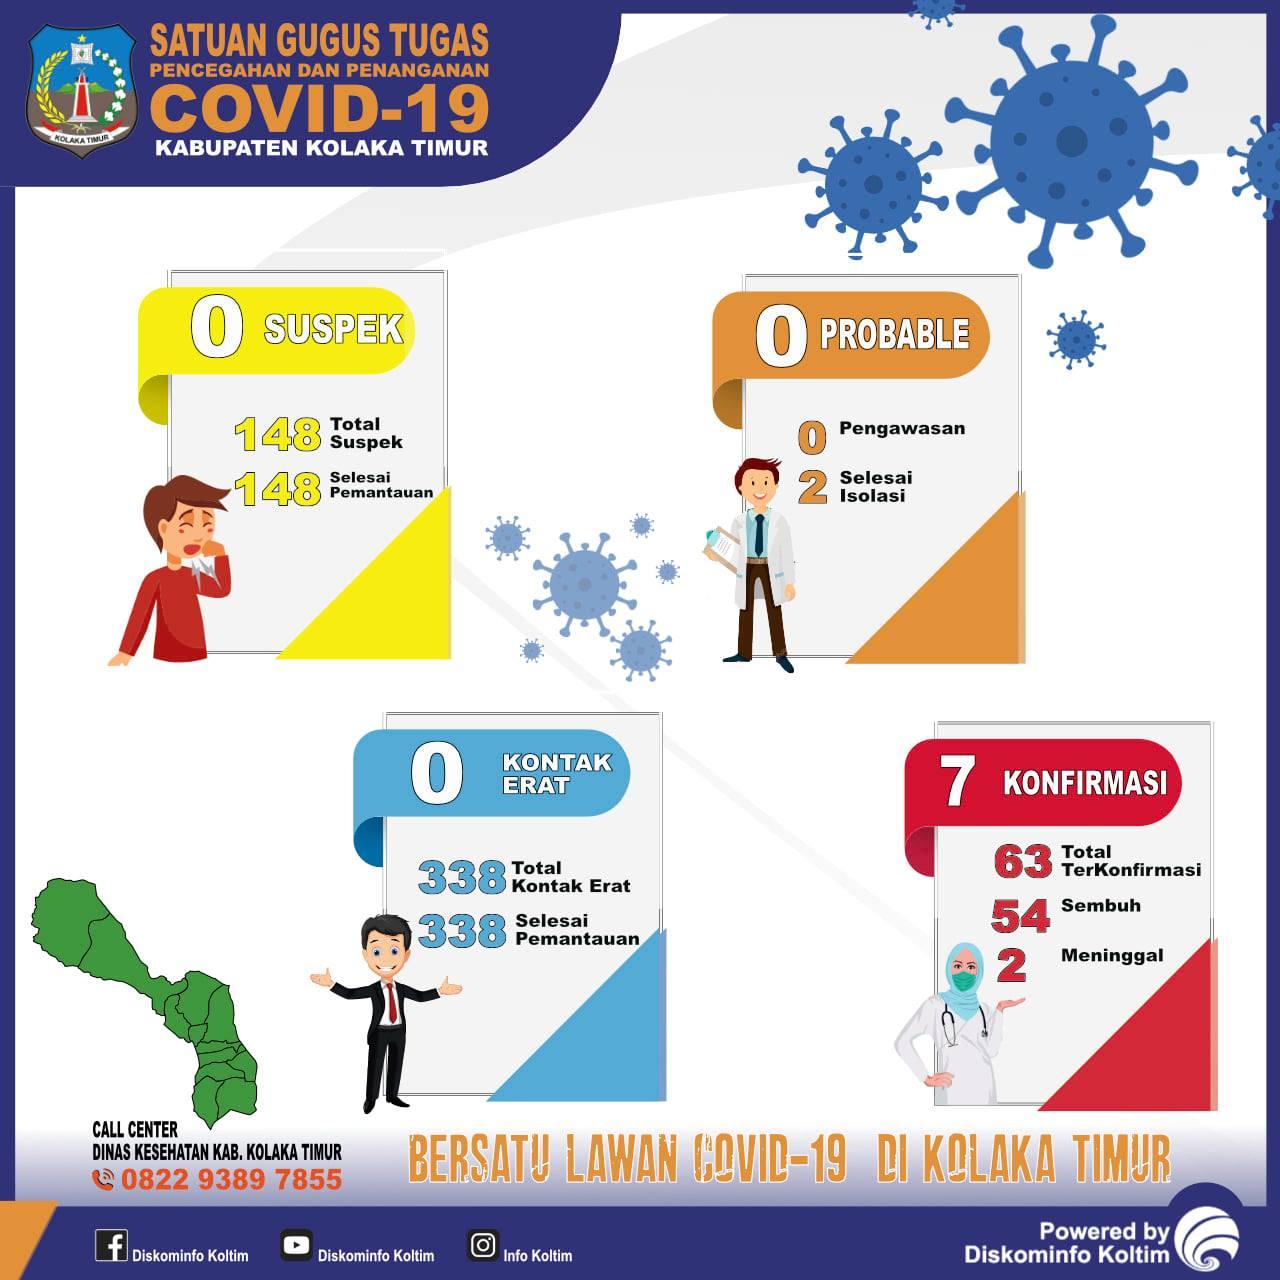 DATA COVID-19 KAB. KOLAKA TIMUR TANGGAL 30 NOVEMBER 2020